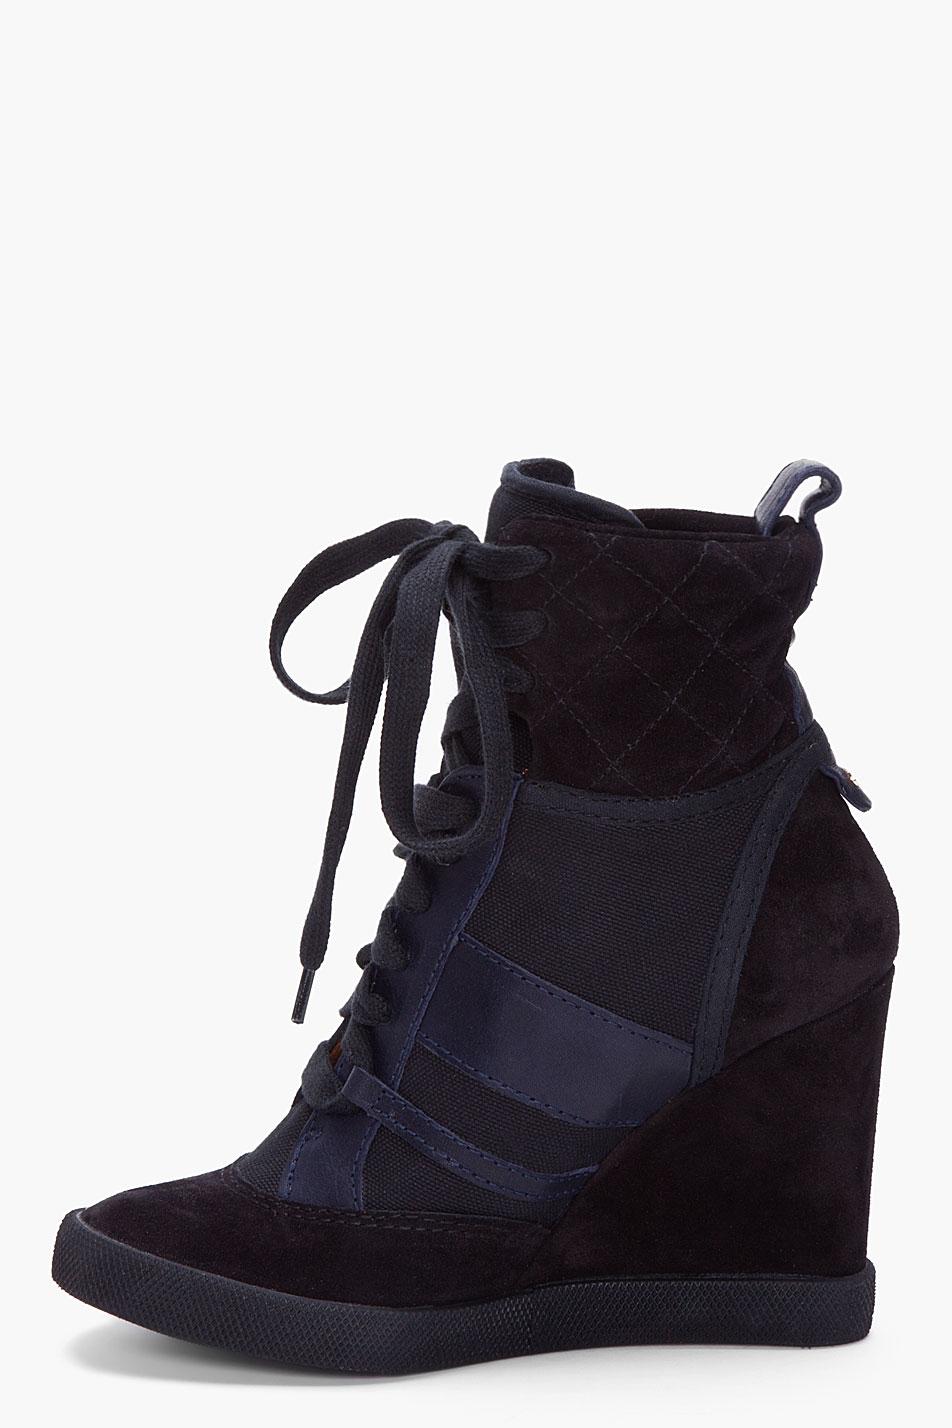 Lyst  Chlo Black Wedge Sneakers in Black